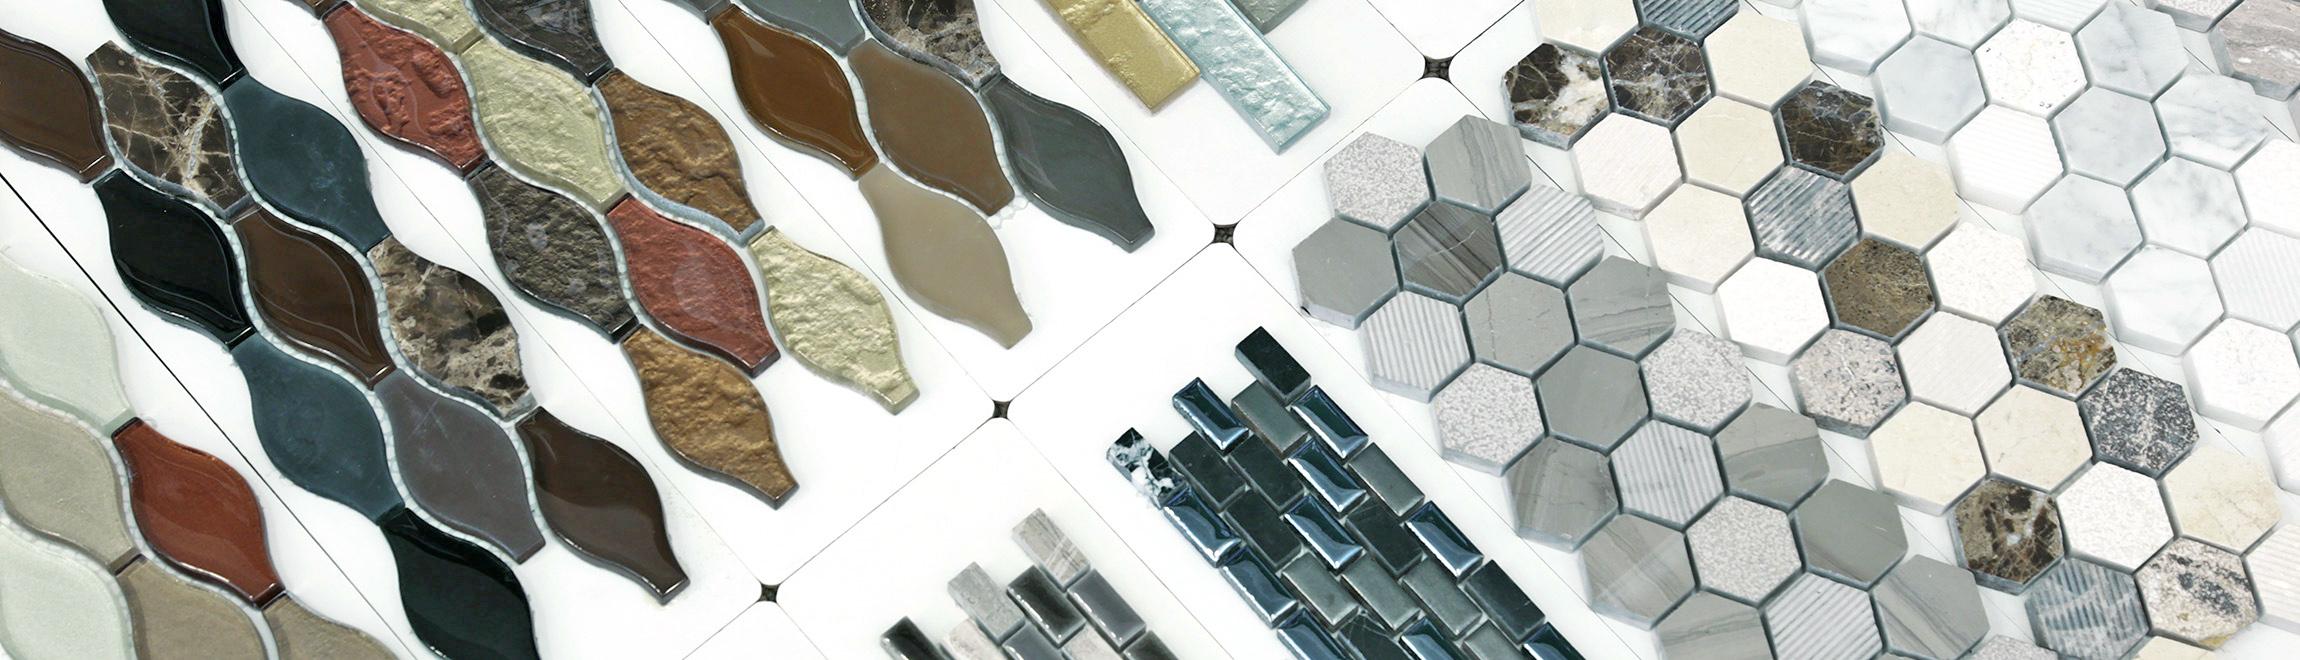 Commercial Tile Banner